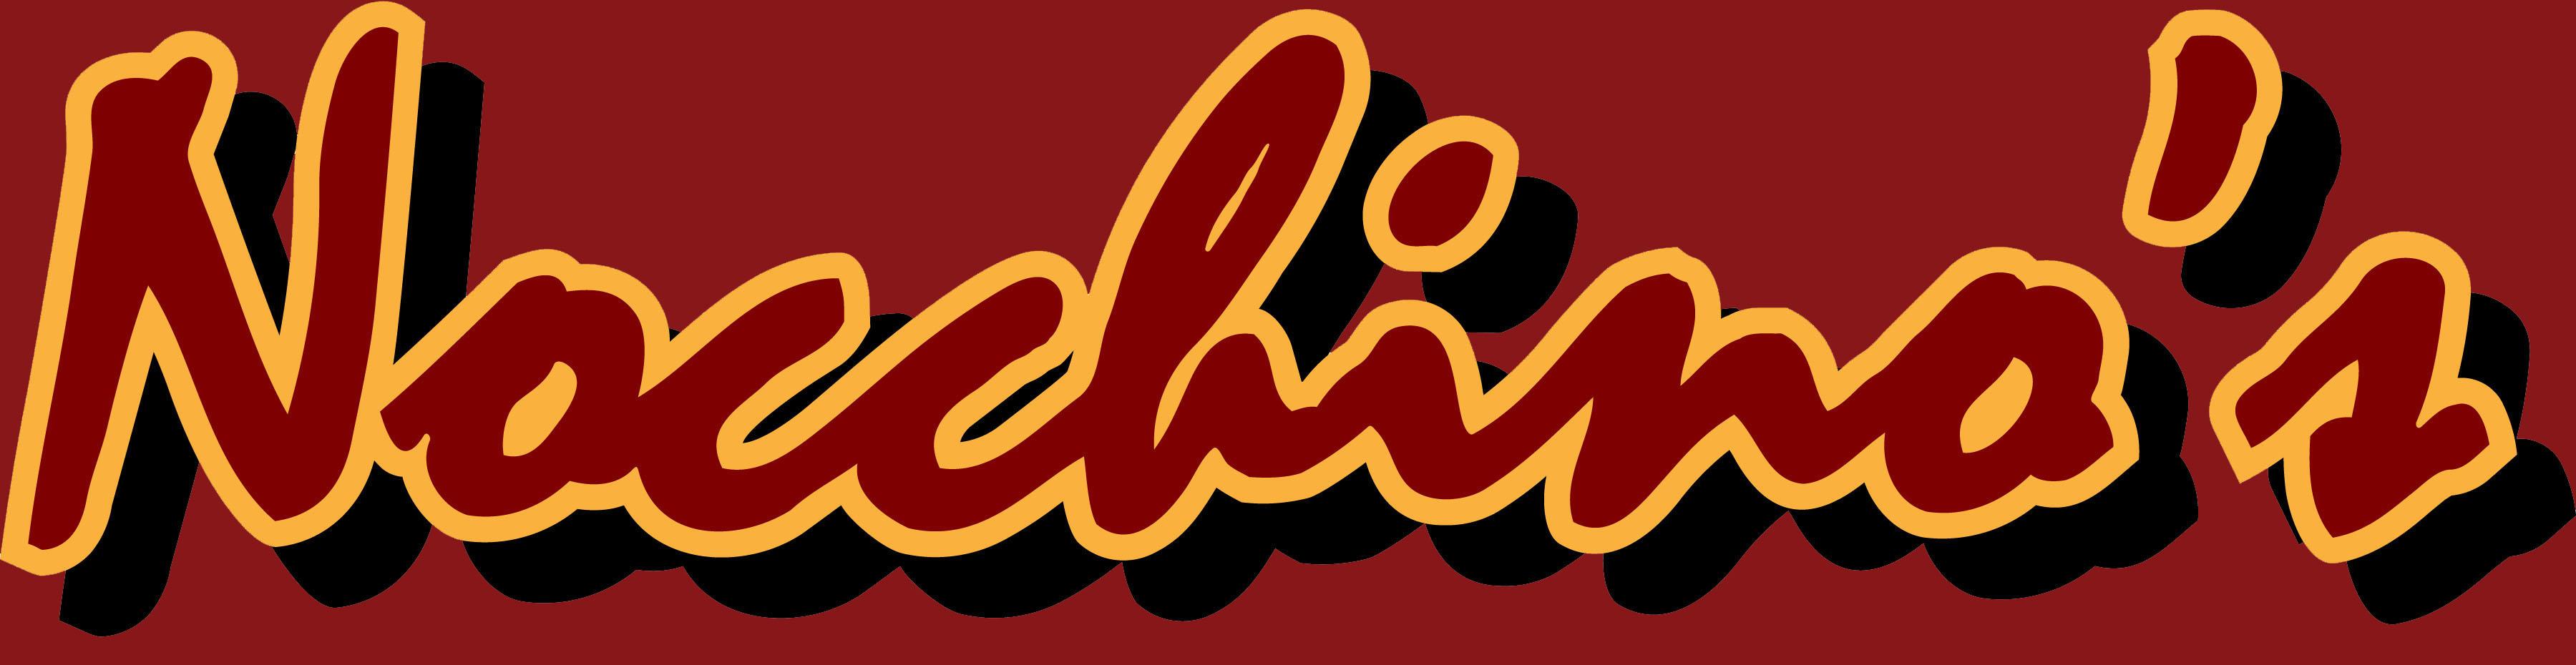 Nocchinos5__logo copy